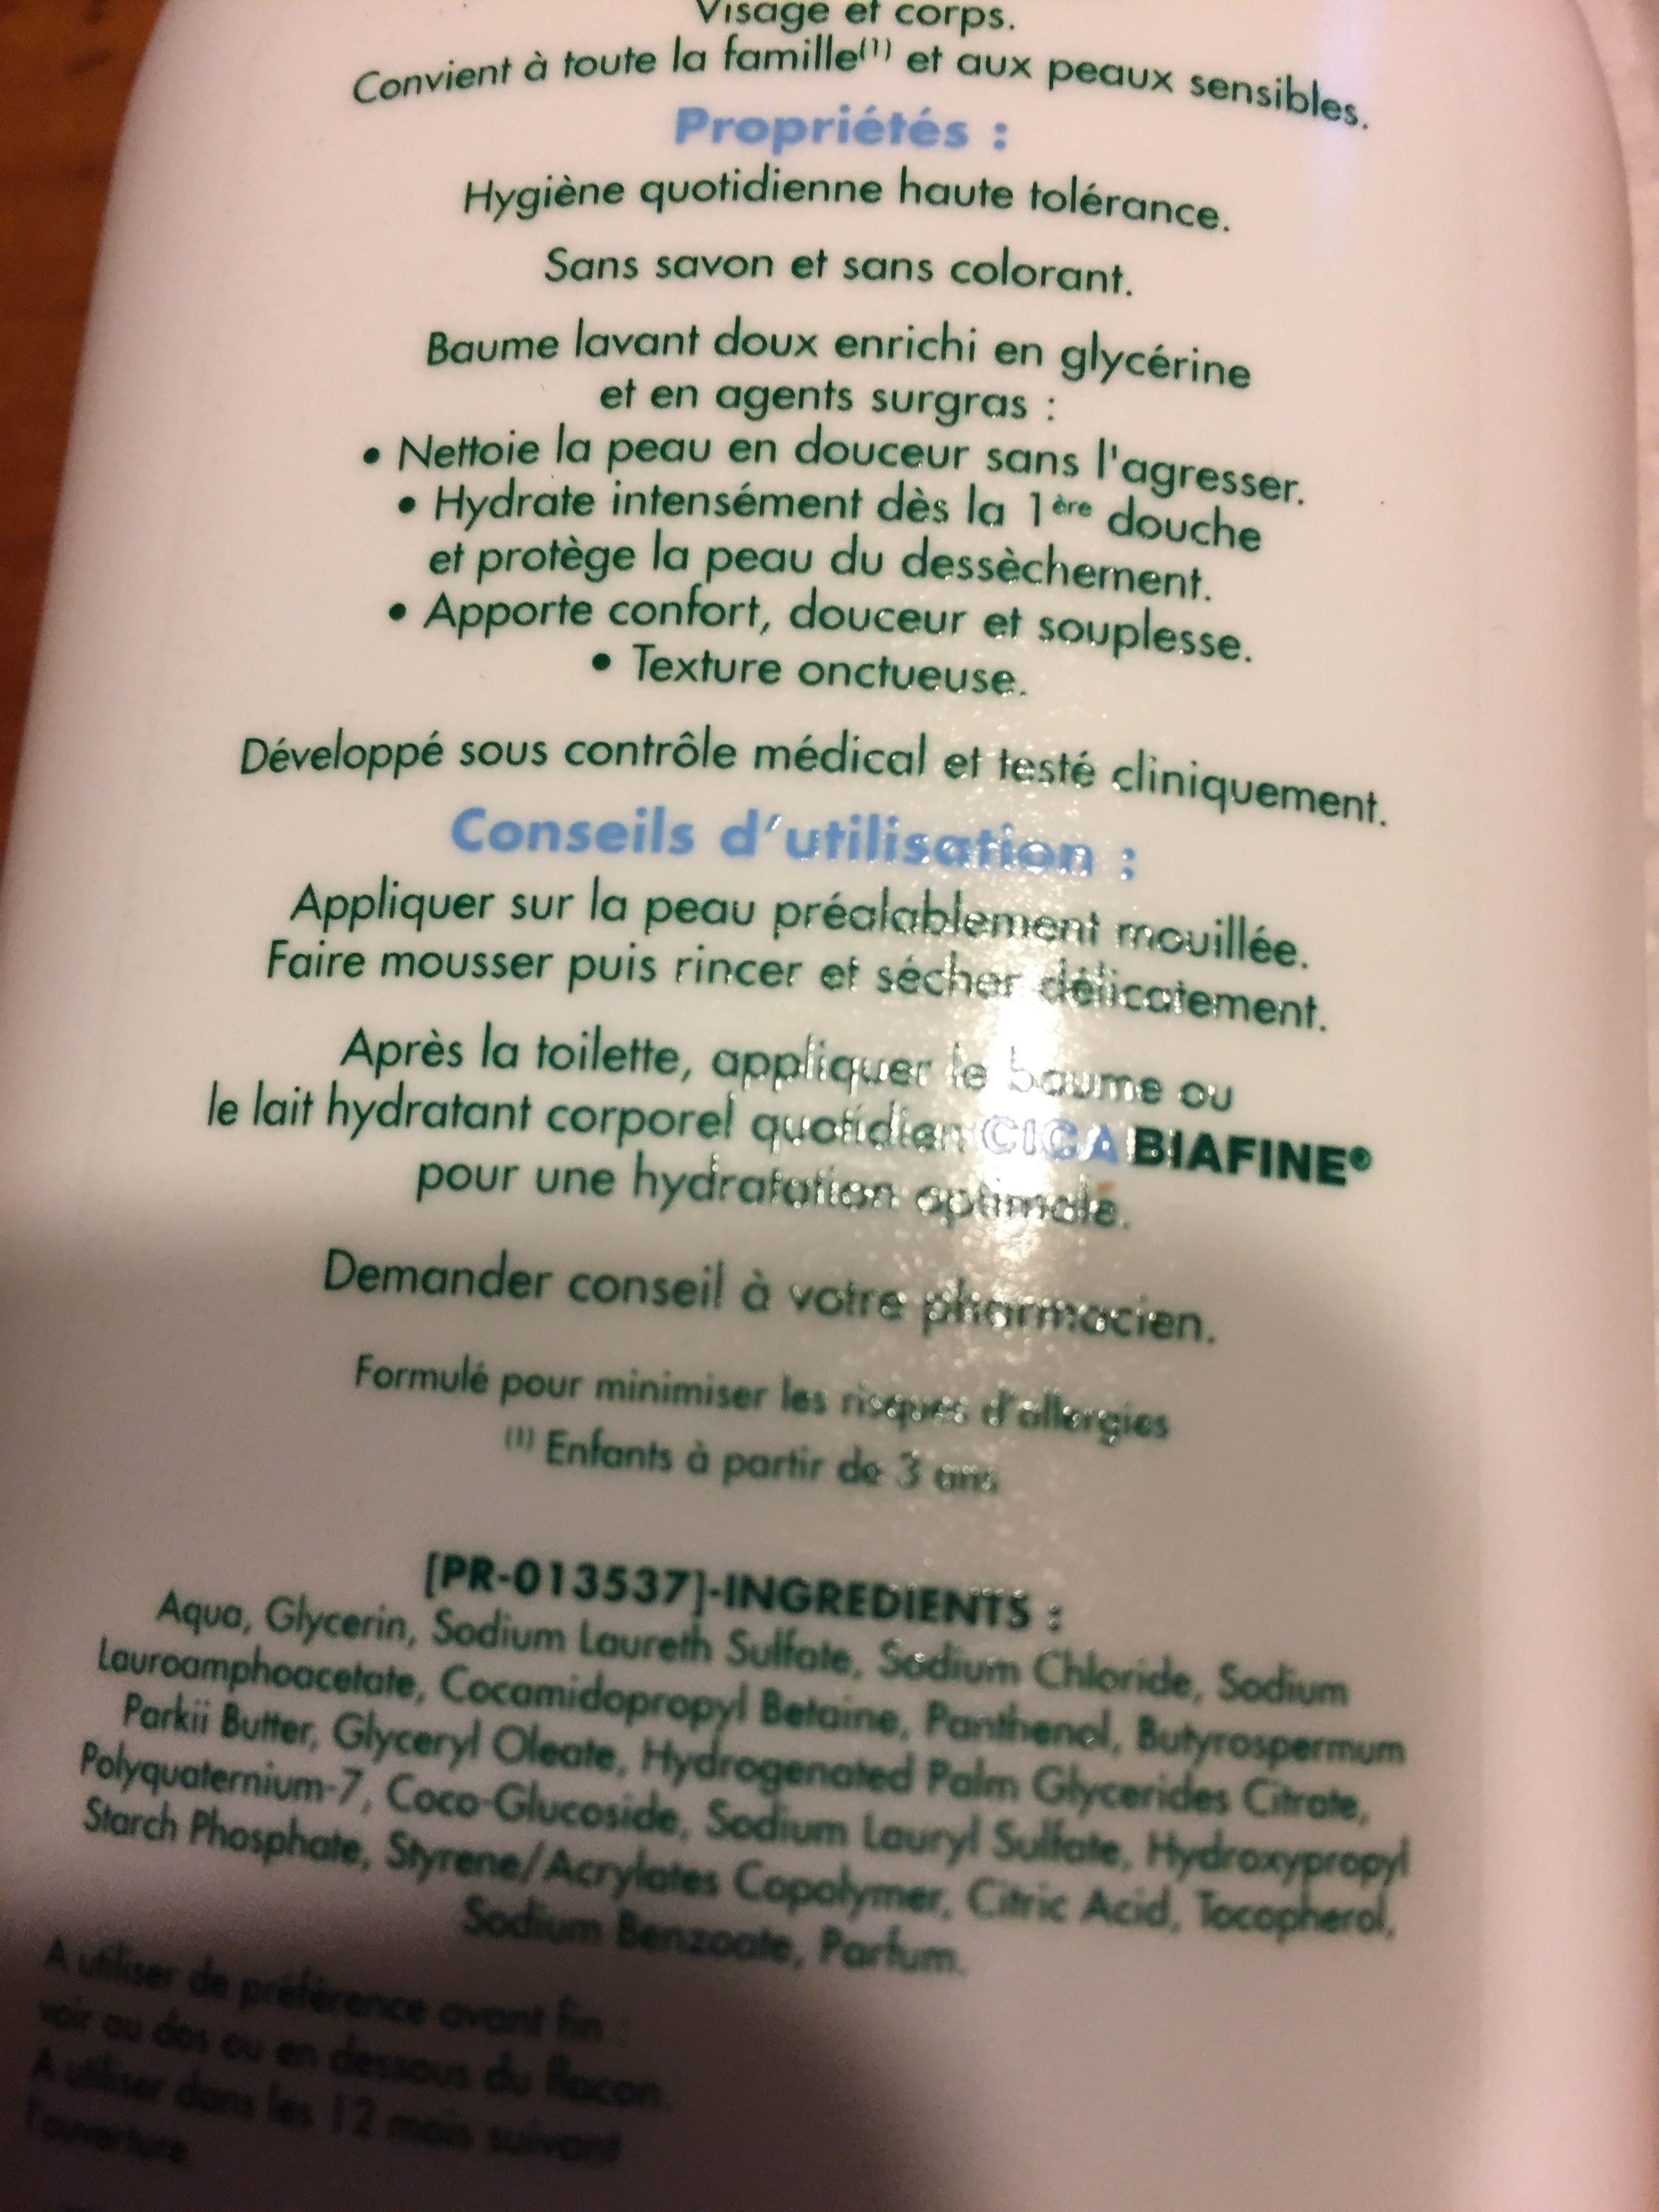 Cicabiafine - Baume Douche Hydratant Surgras - Produit